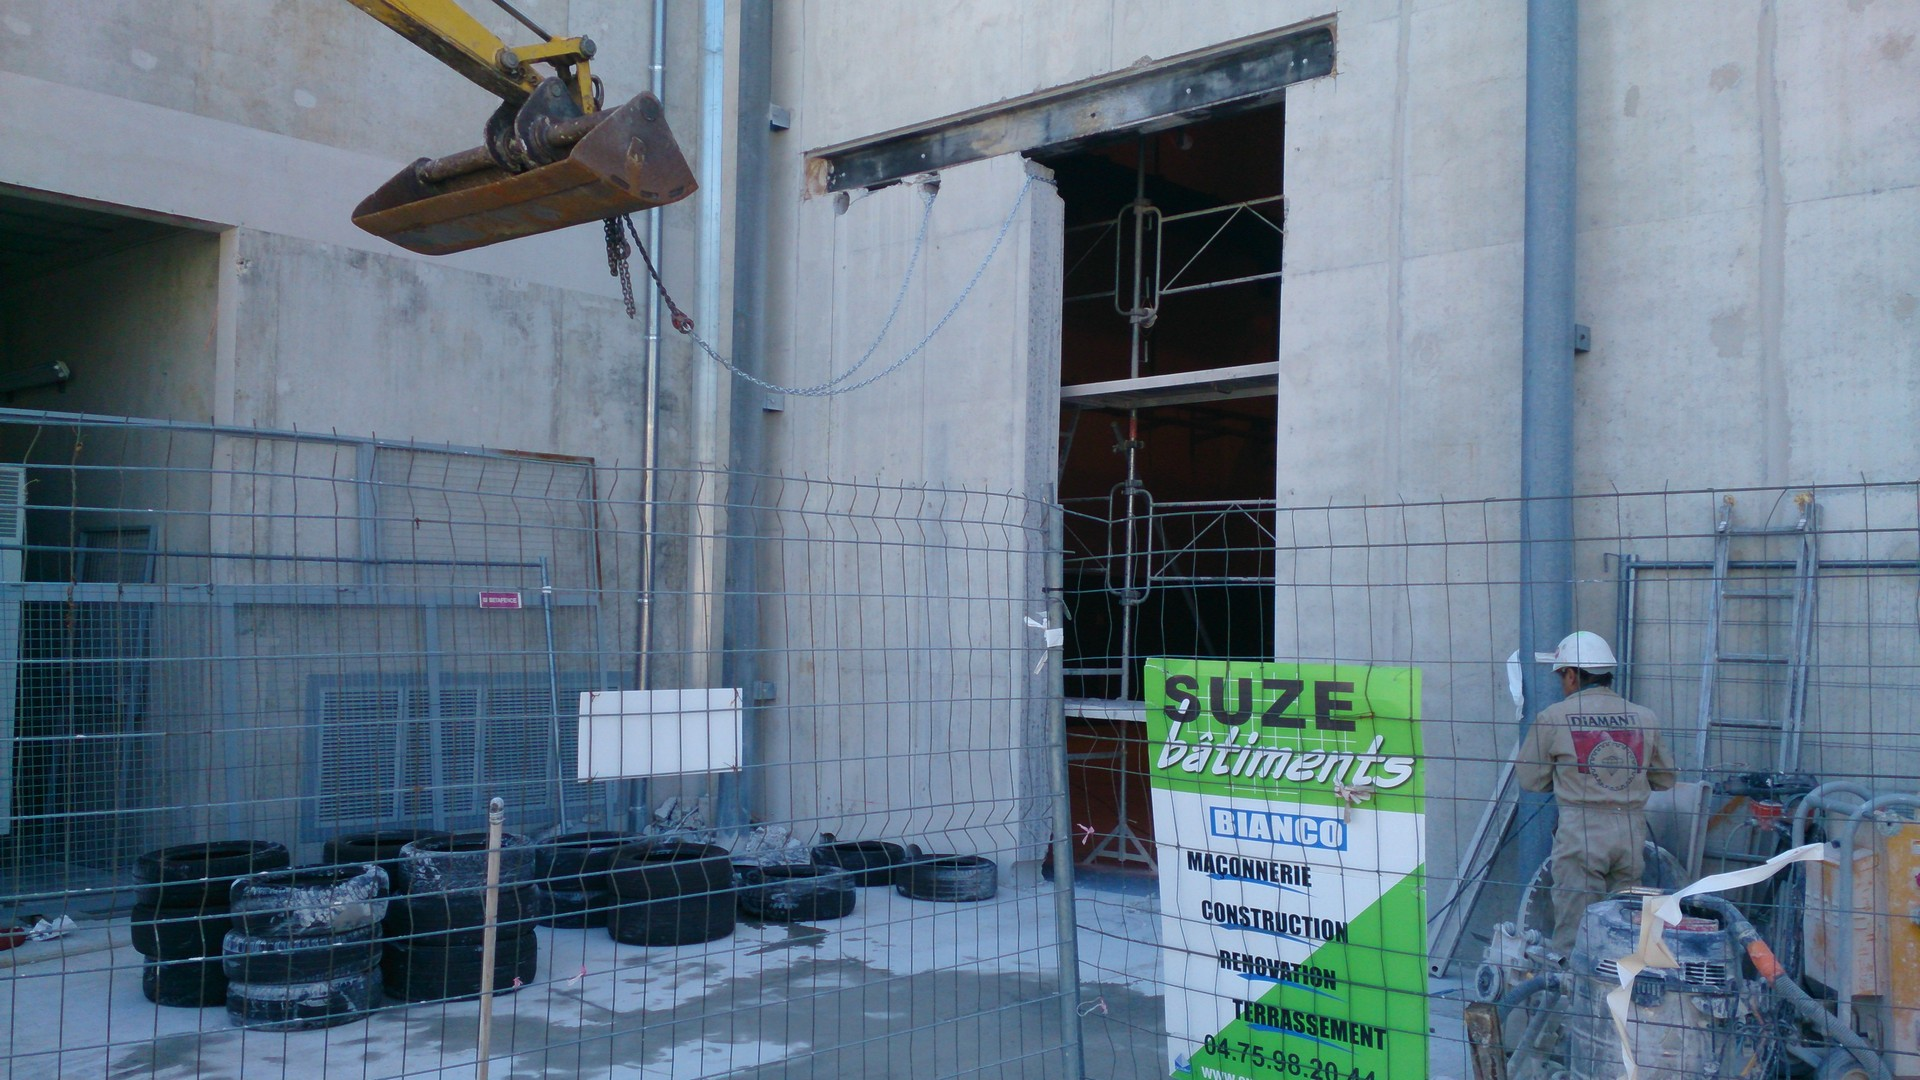 Ouverture et fermeture de voile béton et protection cablage et flexibleOuverture et fermeture de voile béton et protection cablage et flexible004